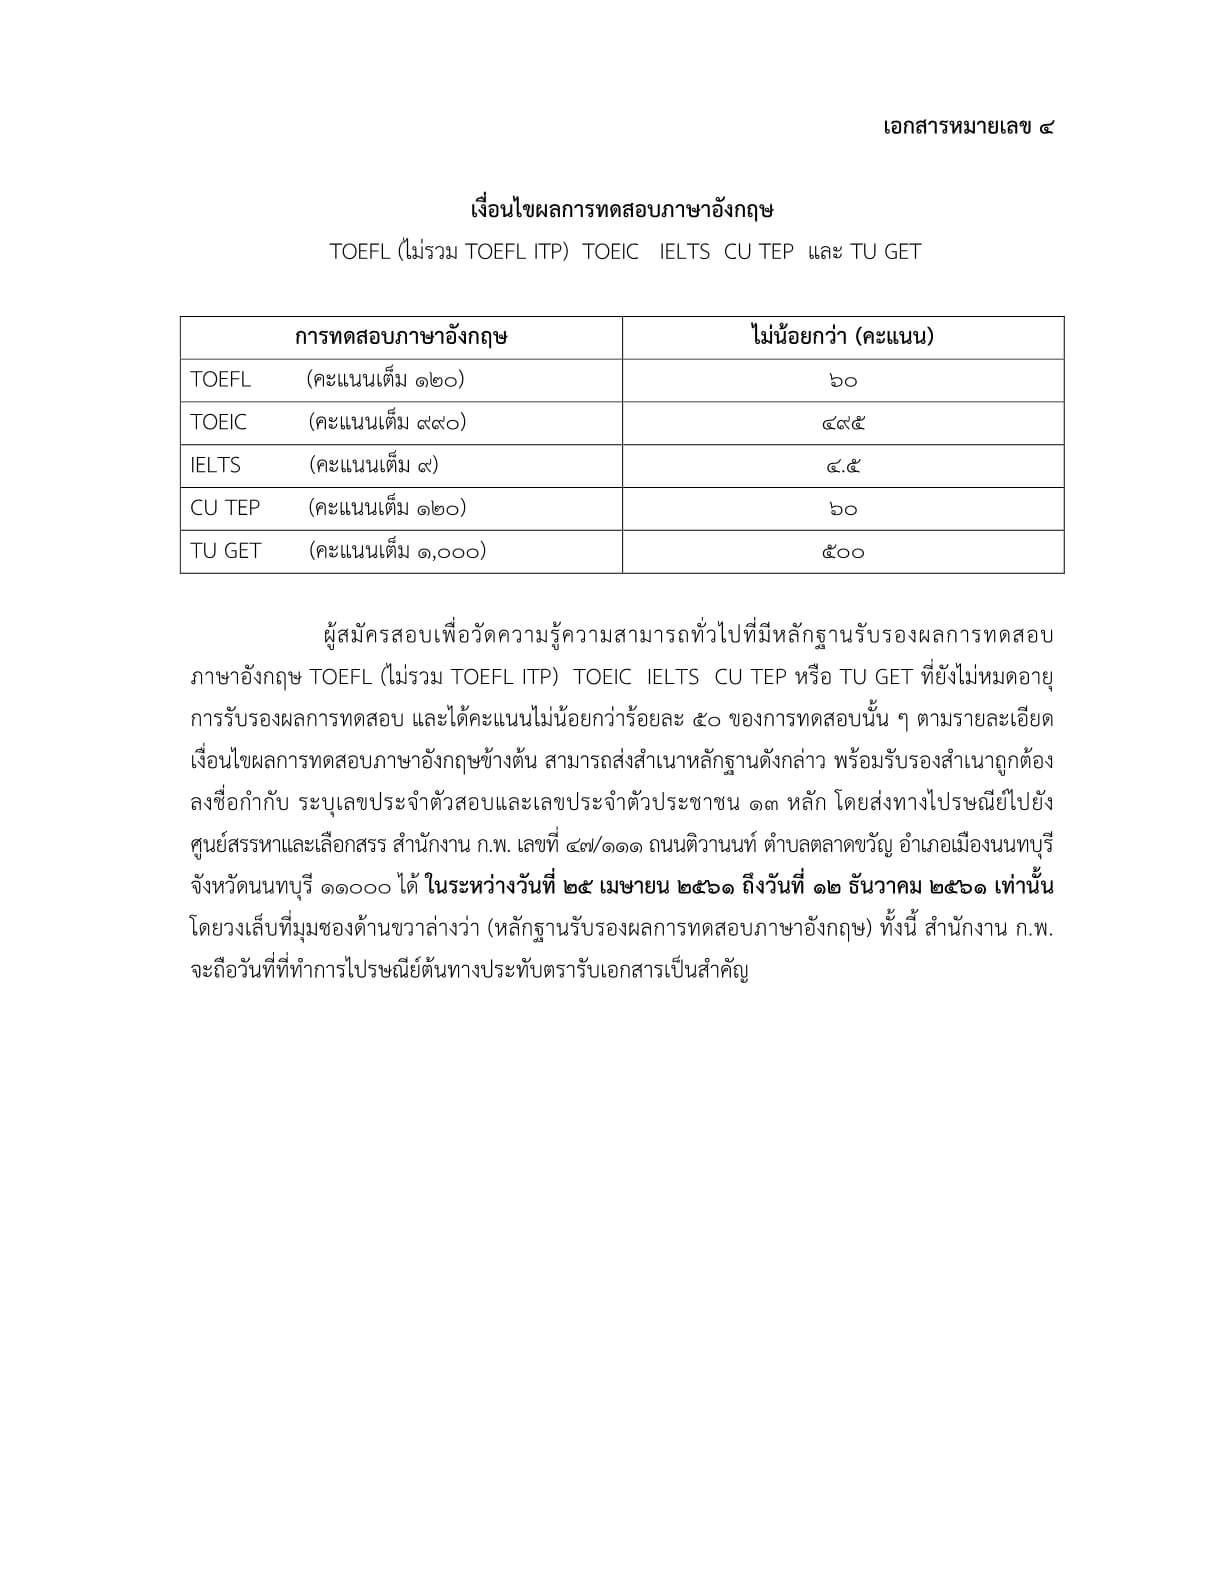 เงื่อนไขผลการทดสอบภาษาอังกฤษ สอบ ก.พ. 2561